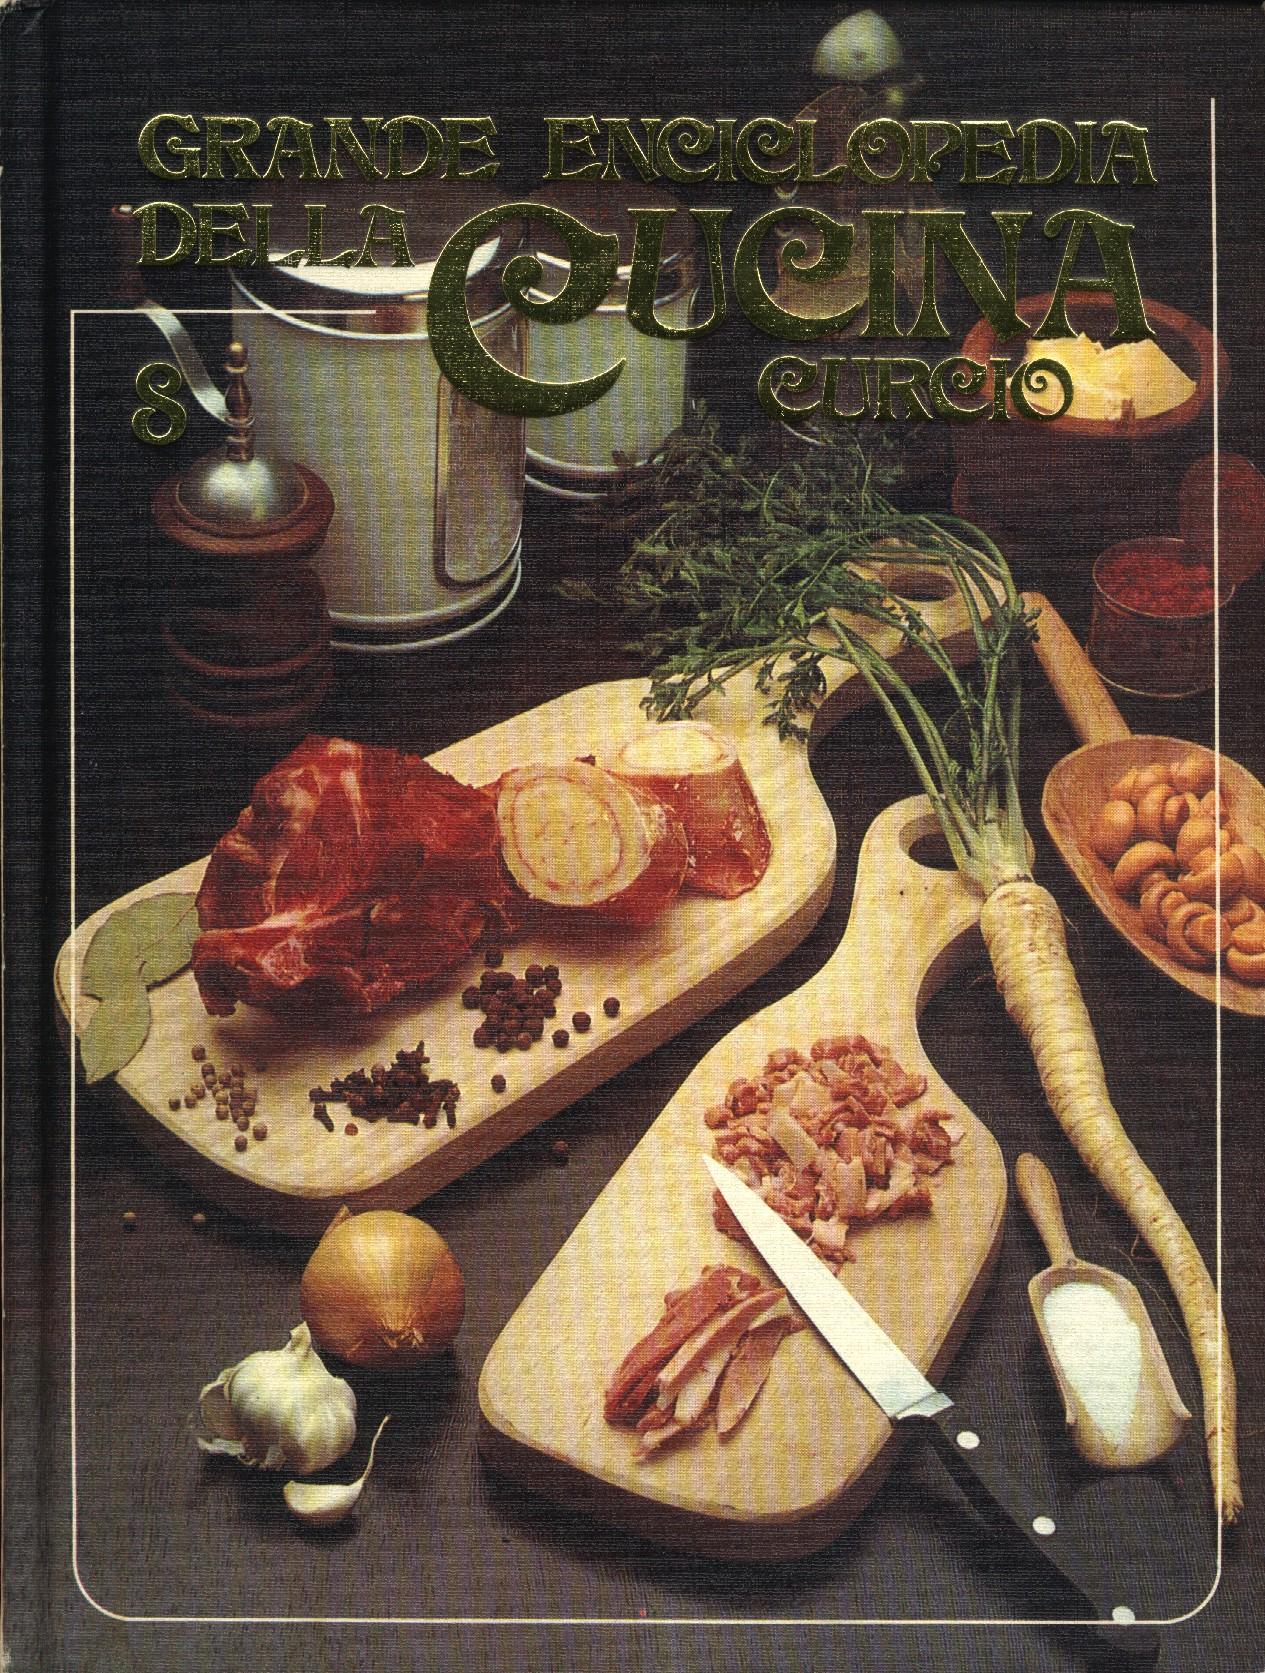 Grande Enciclopedia della Cucina Vol. 8 (cre-ent)